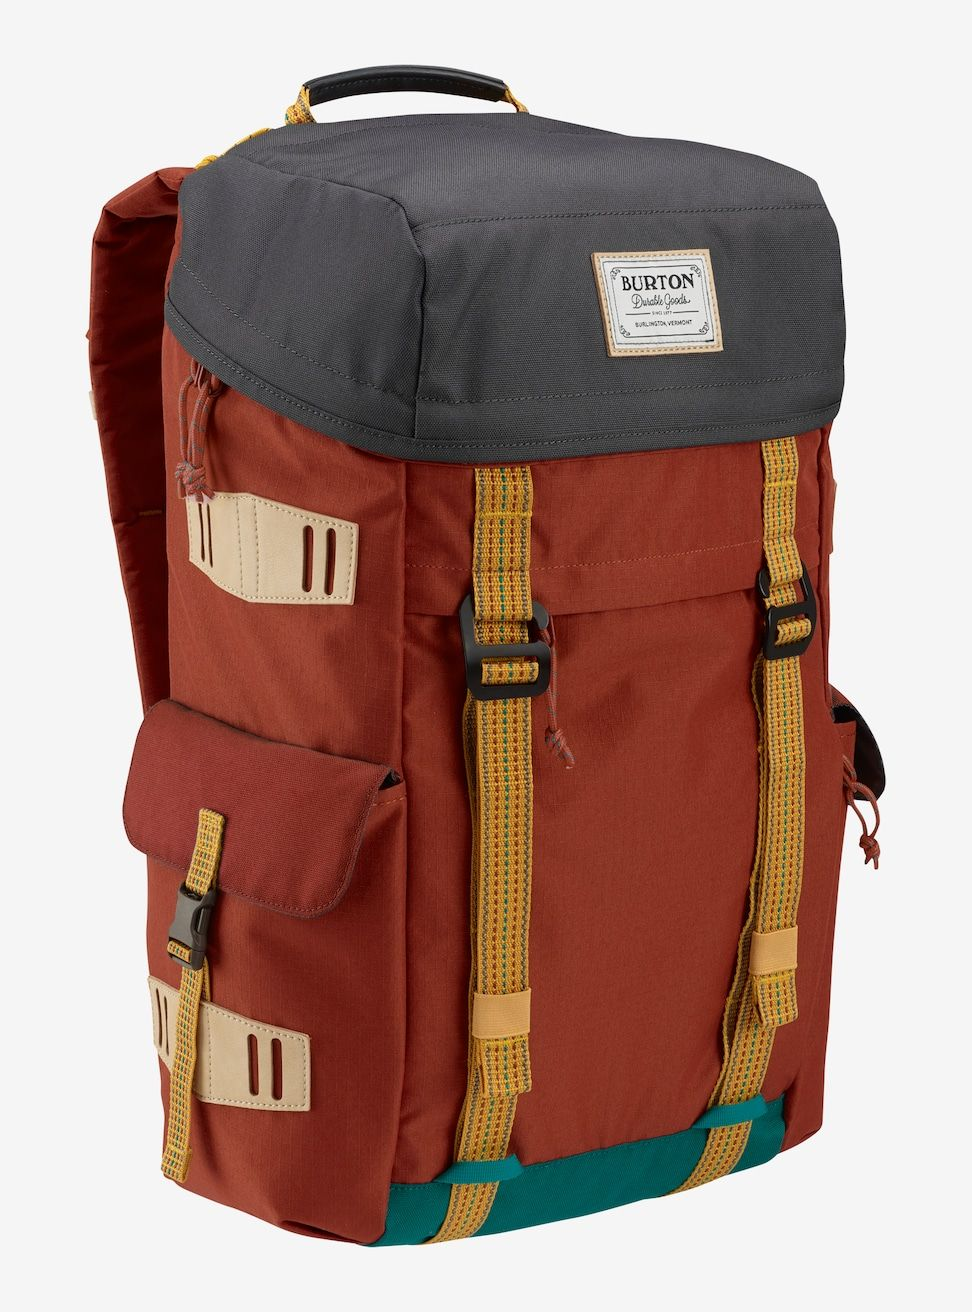 fe8e8bf9ac Burton Annex Backpack shown in Tandori Ripstop | Gear Wishlist in ...